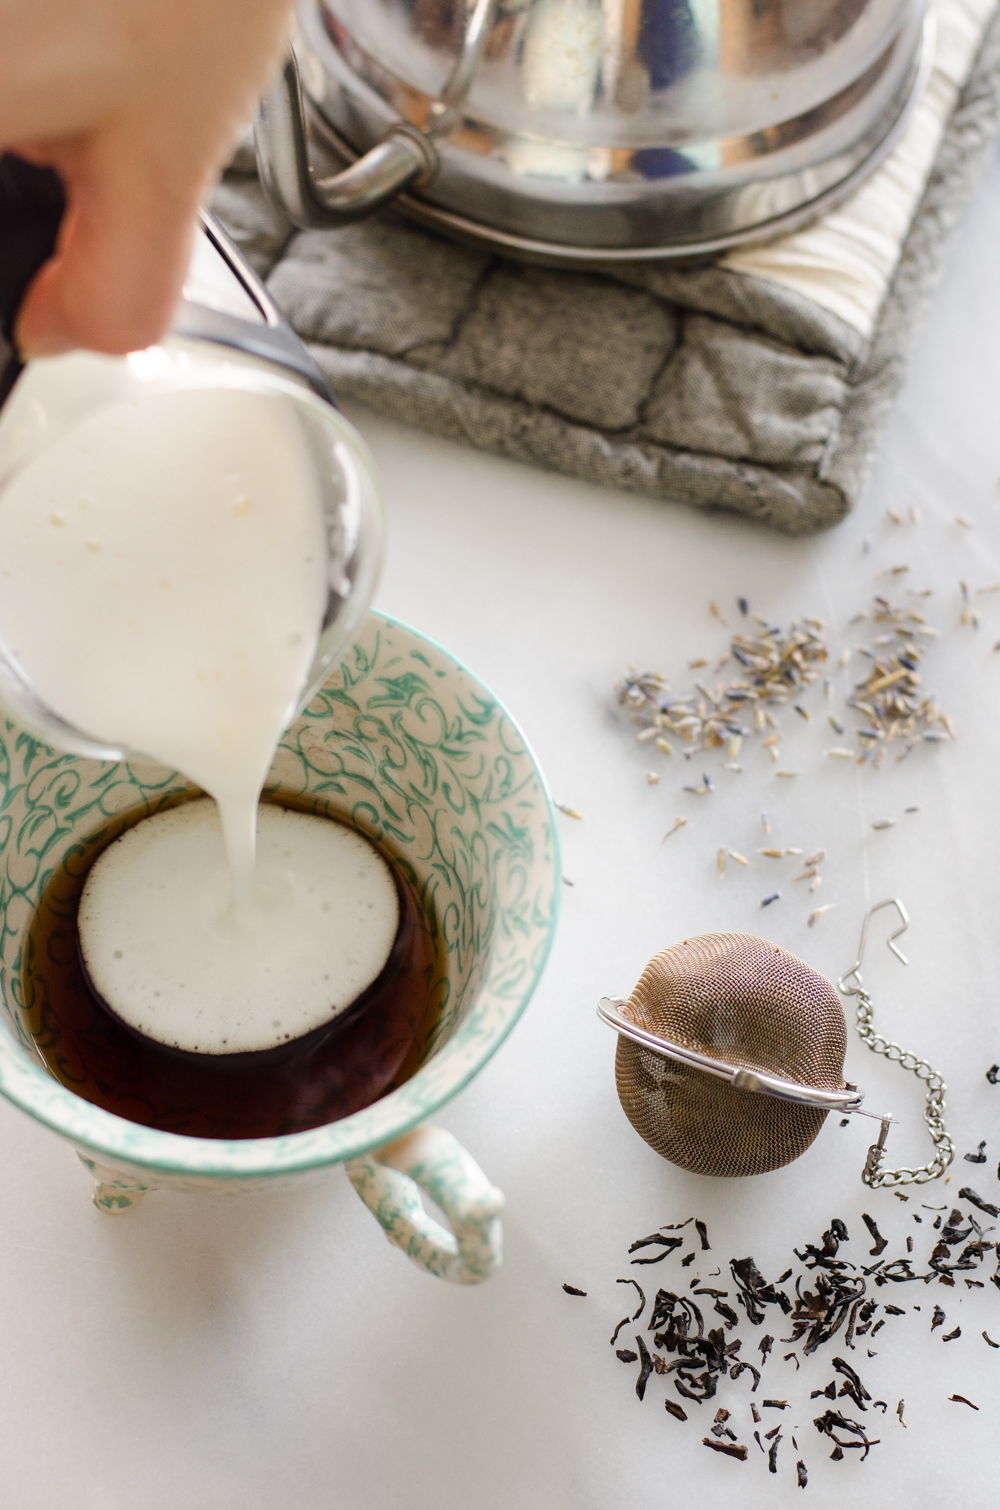 Homemade London Fog (Lavender Earl Grey) Latte